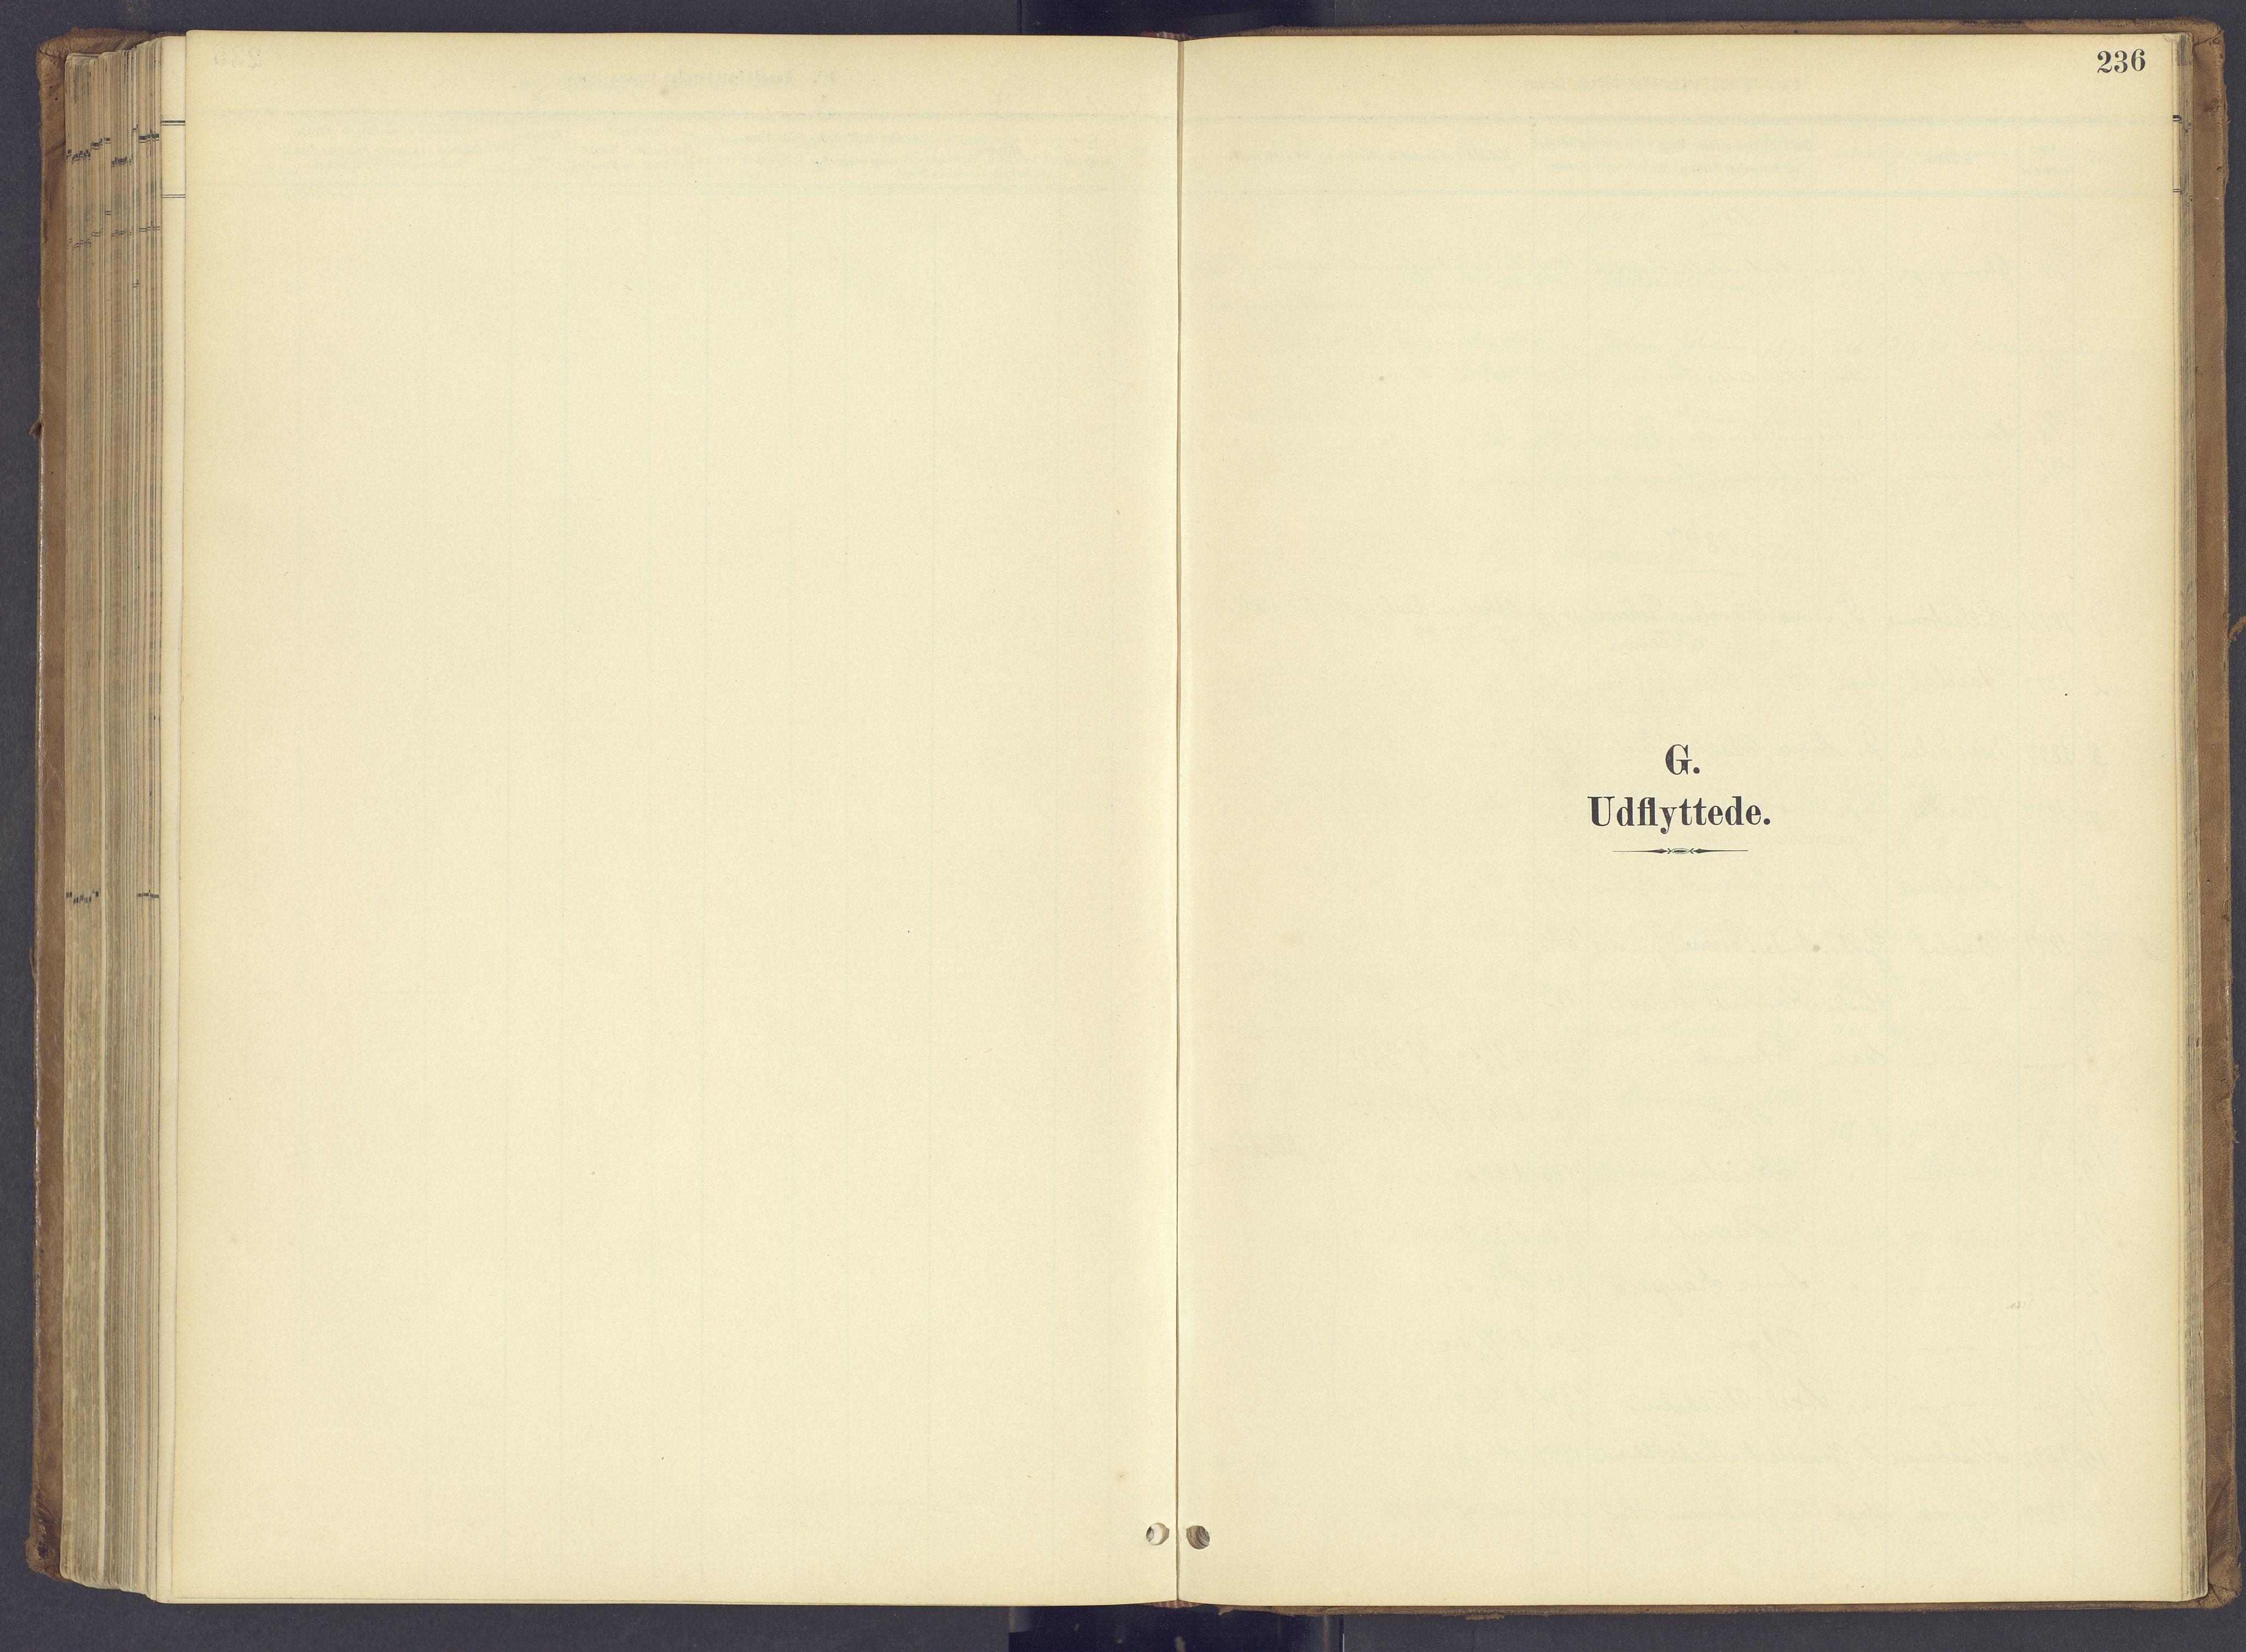 SAH, Søndre Land prestekontor, K/L0006: Ministerialbok nr. 6, 1895-1904, s. 236